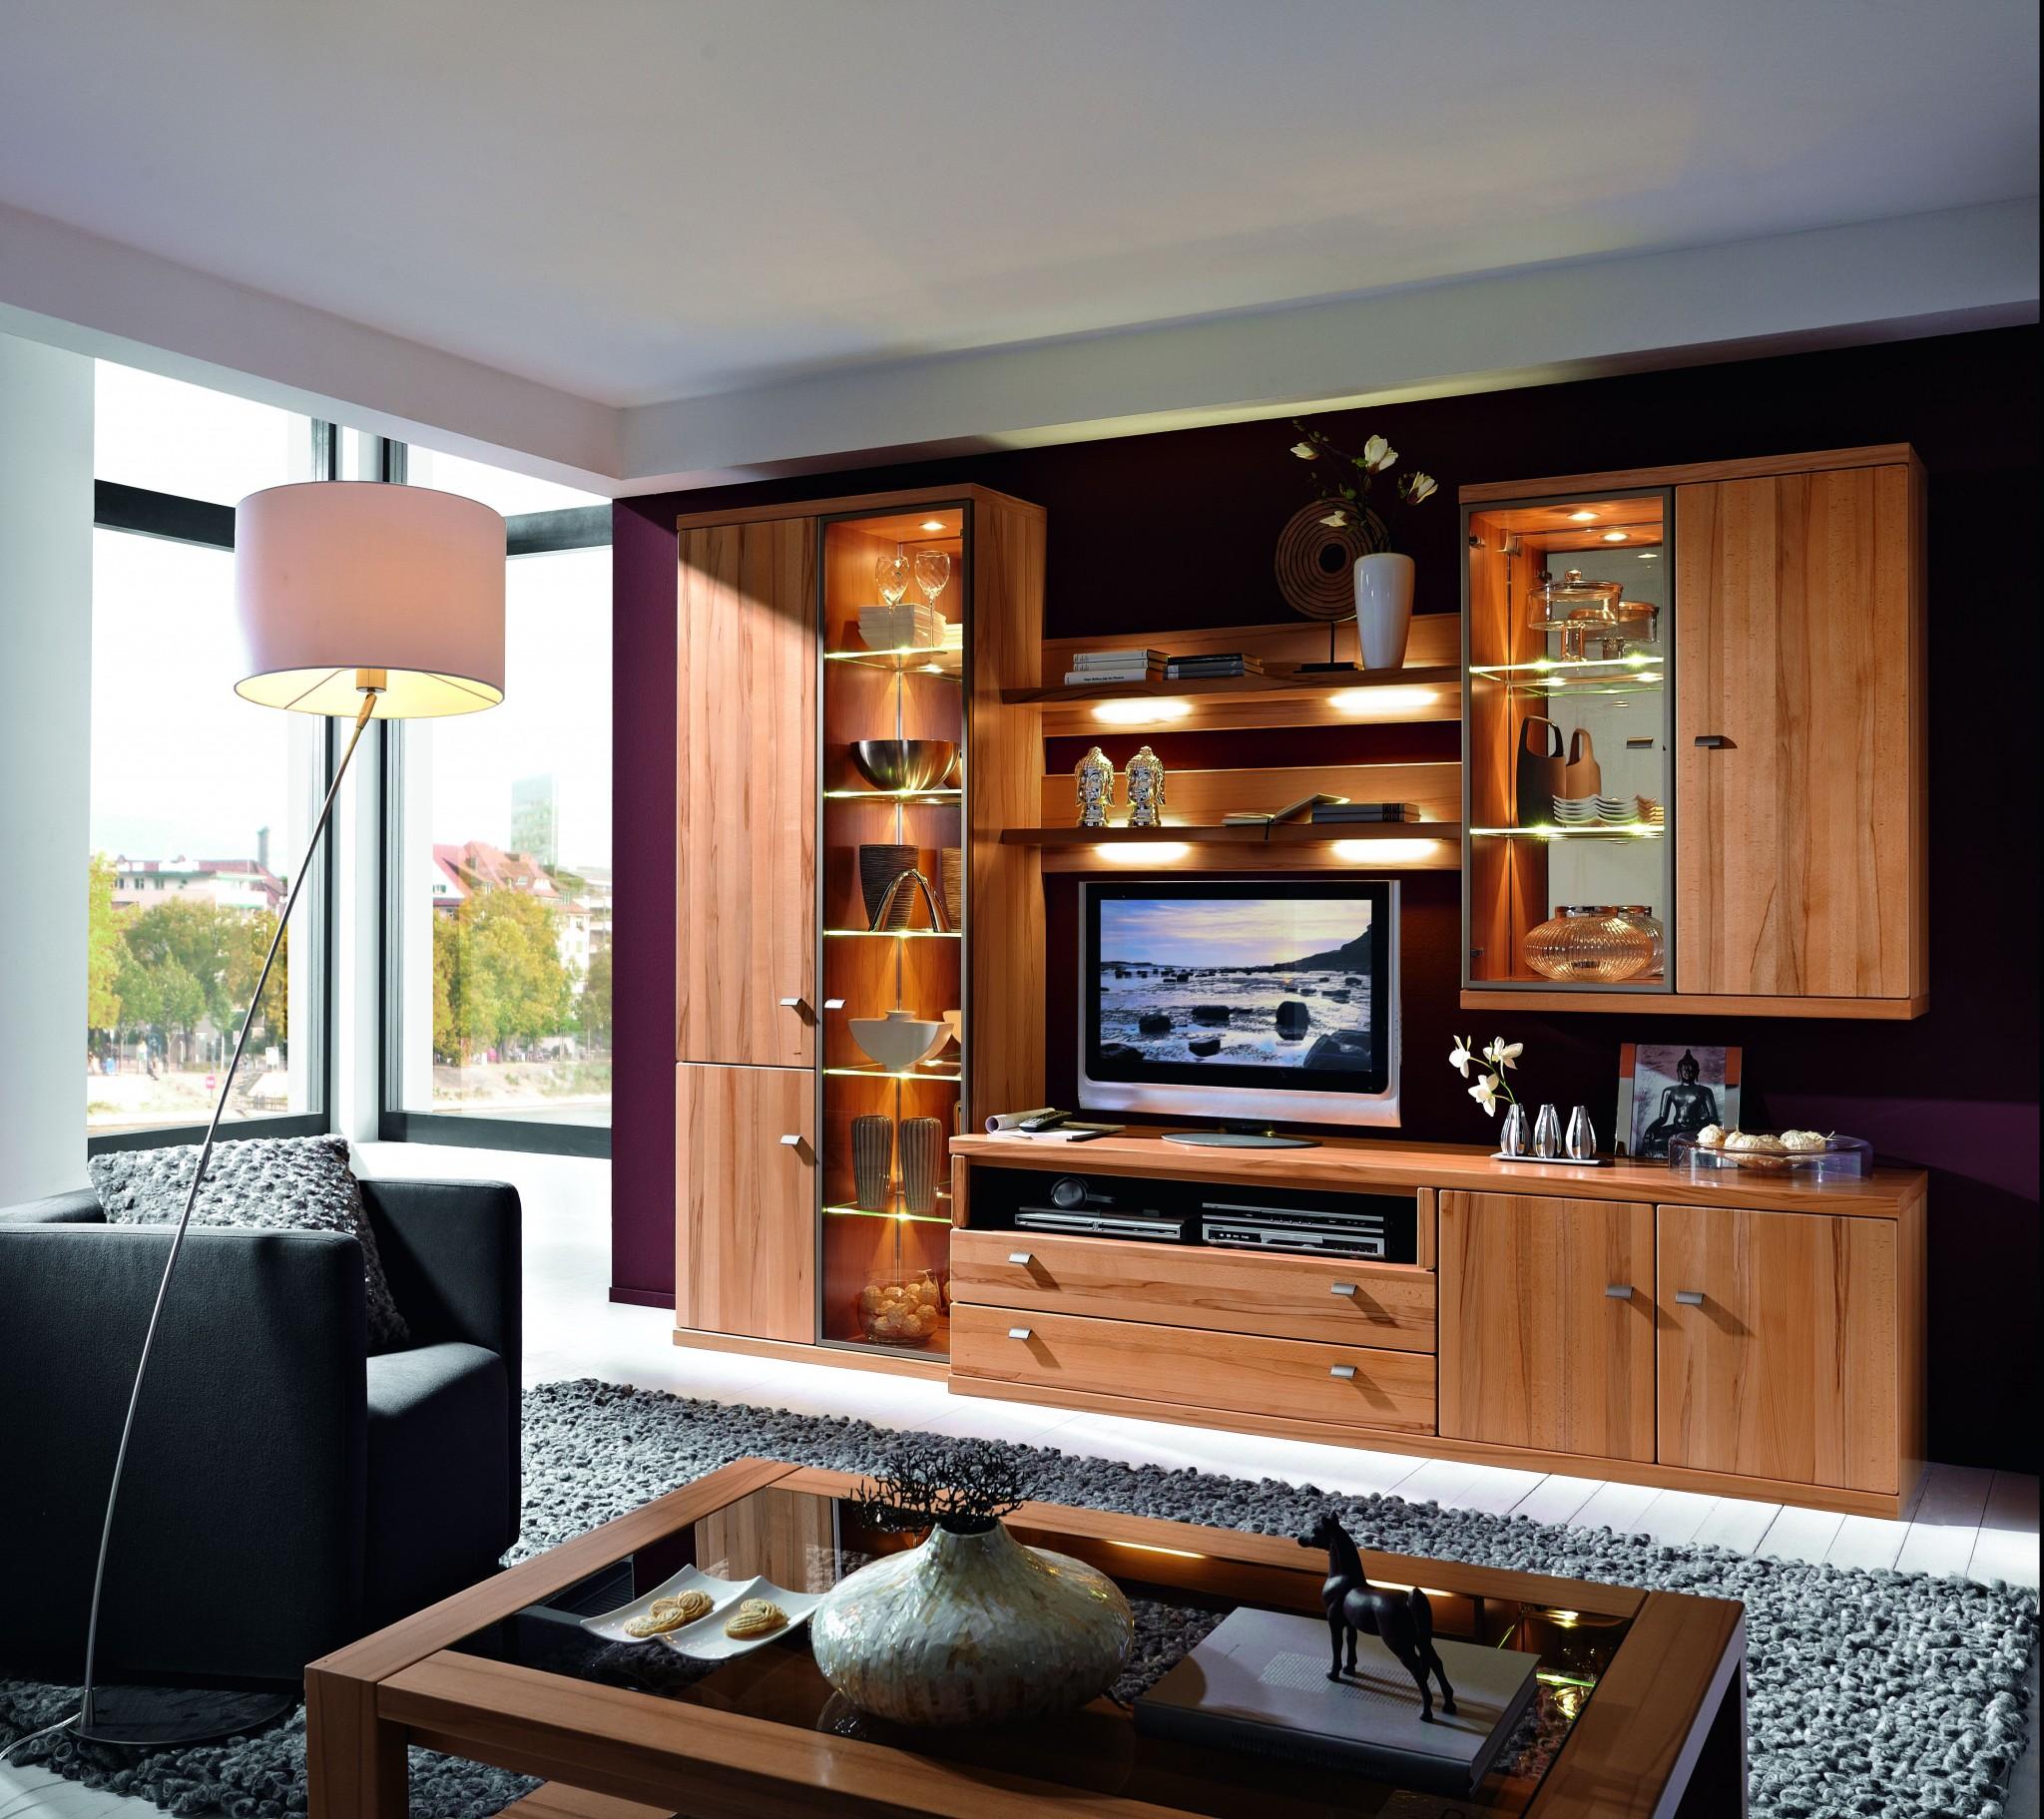 wohnwand mit stauraum free klassische gunstige weis kleine moderne wohnwande stauraum modern. Black Bedroom Furniture Sets. Home Design Ideas